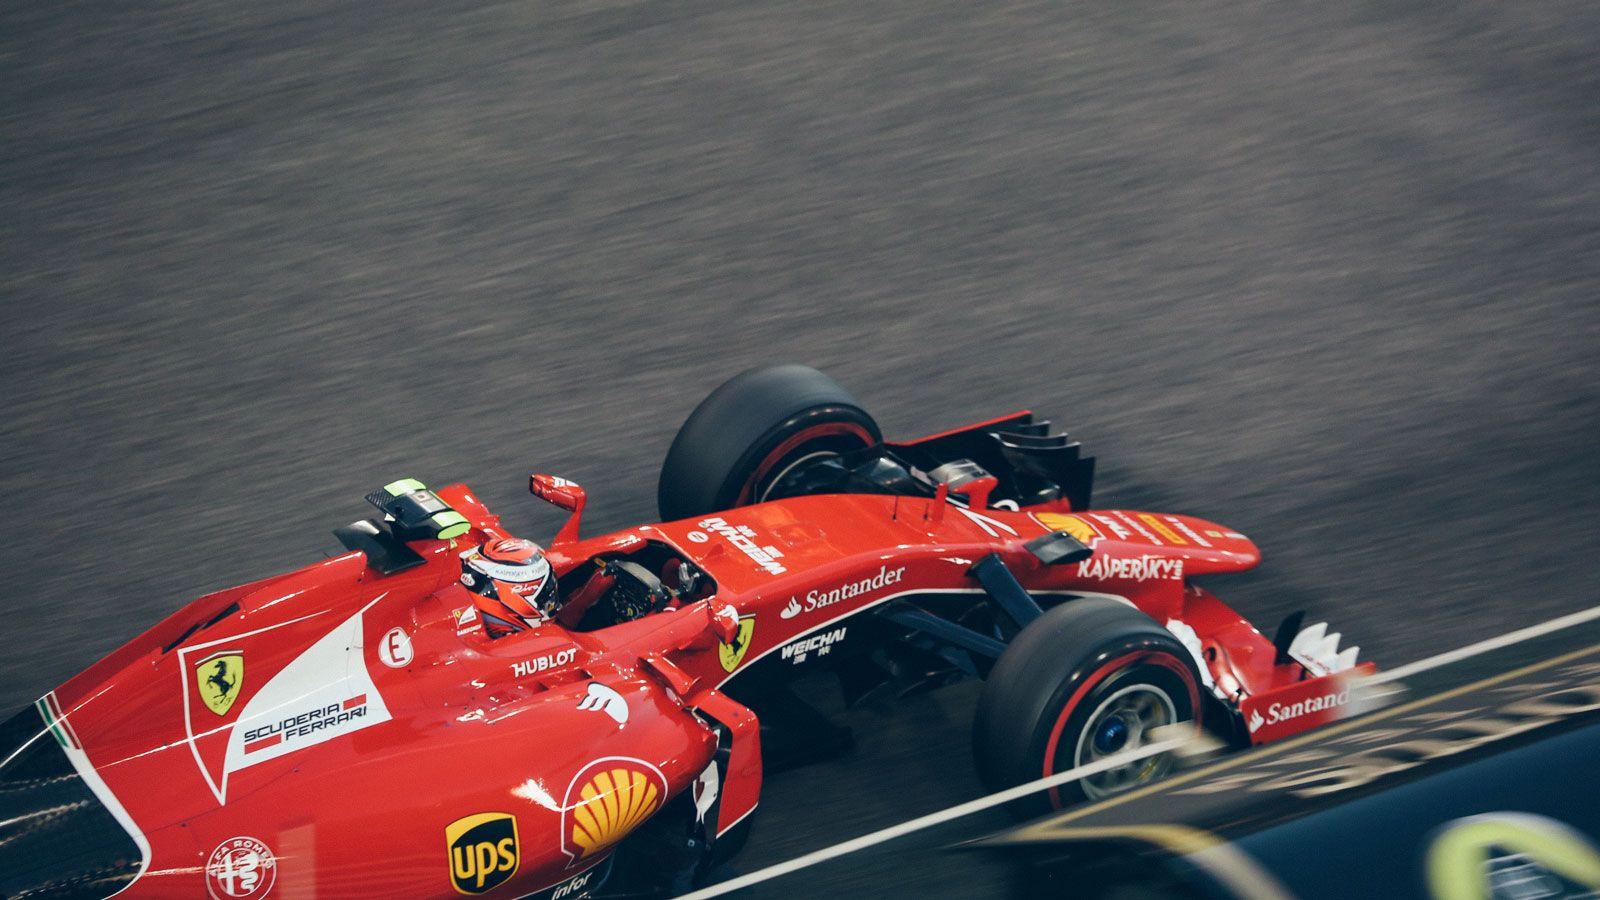 F1-Gladiators-Header-Gear-Patrol